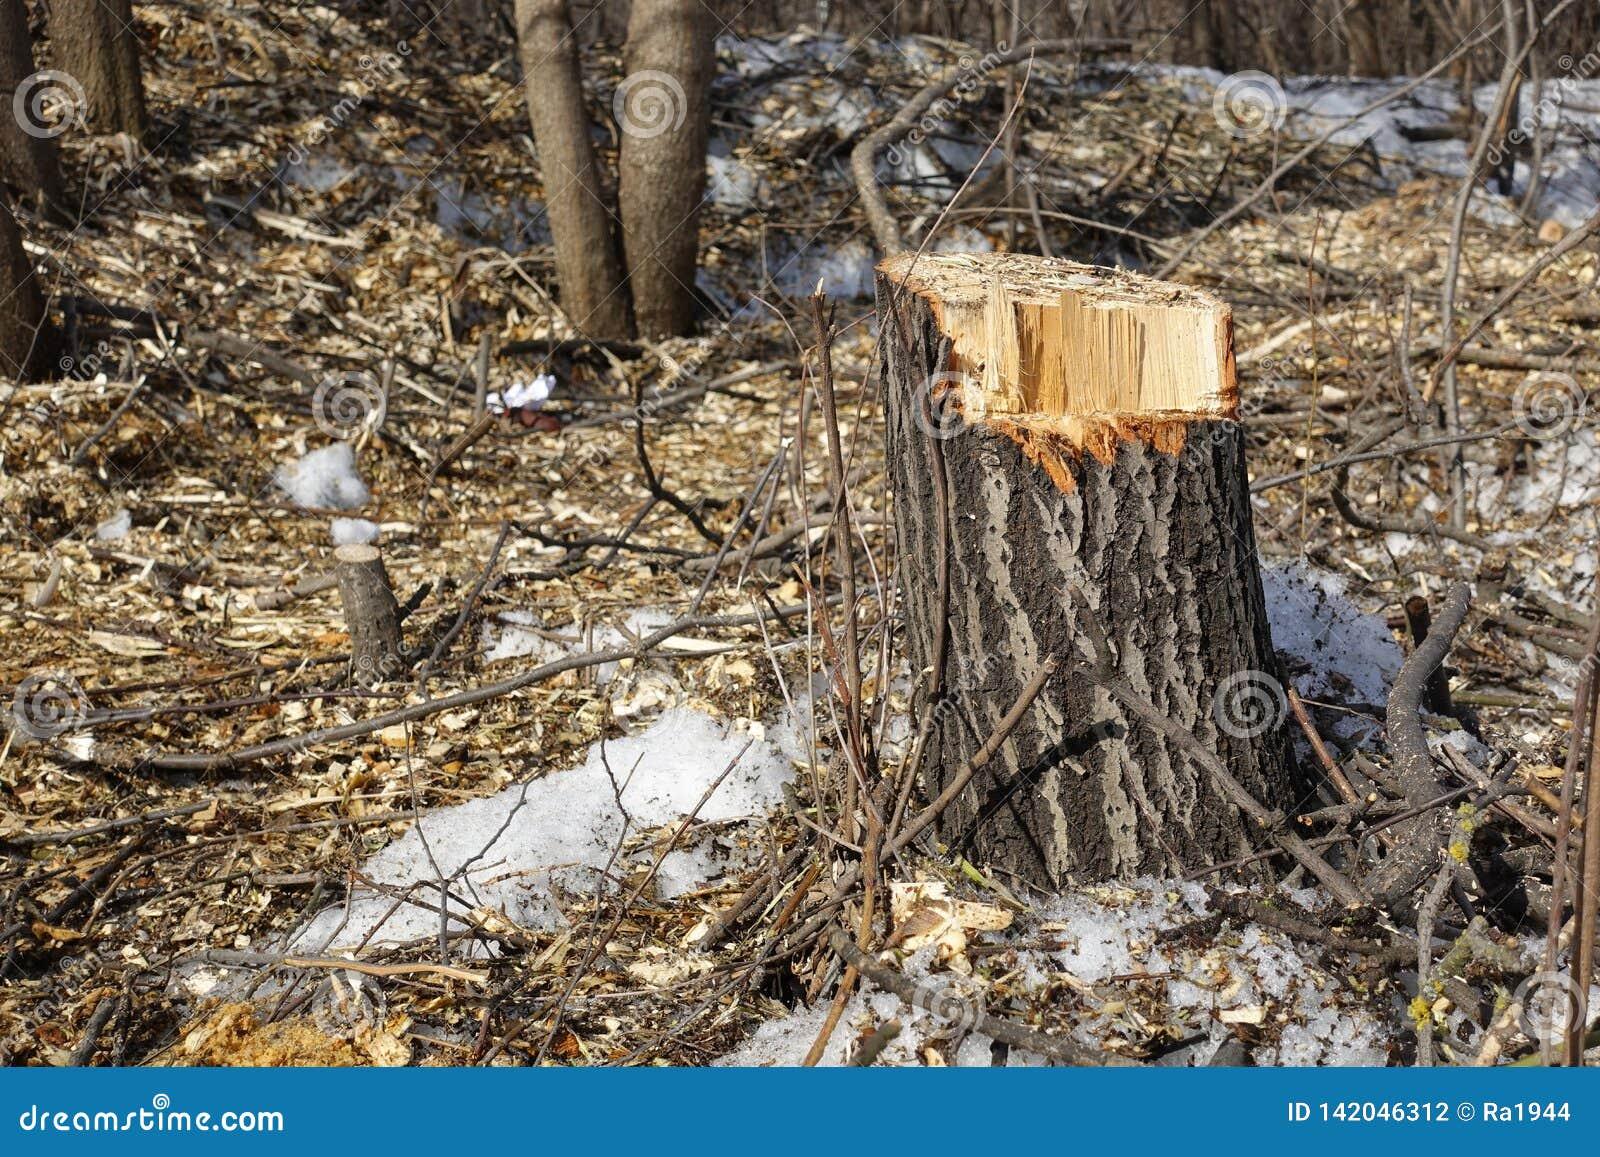 Powalać drzewa Fiszorek i drewniani układy scaleni Pojęcie zła ekologia rozbiór mięsa na dół drzewa